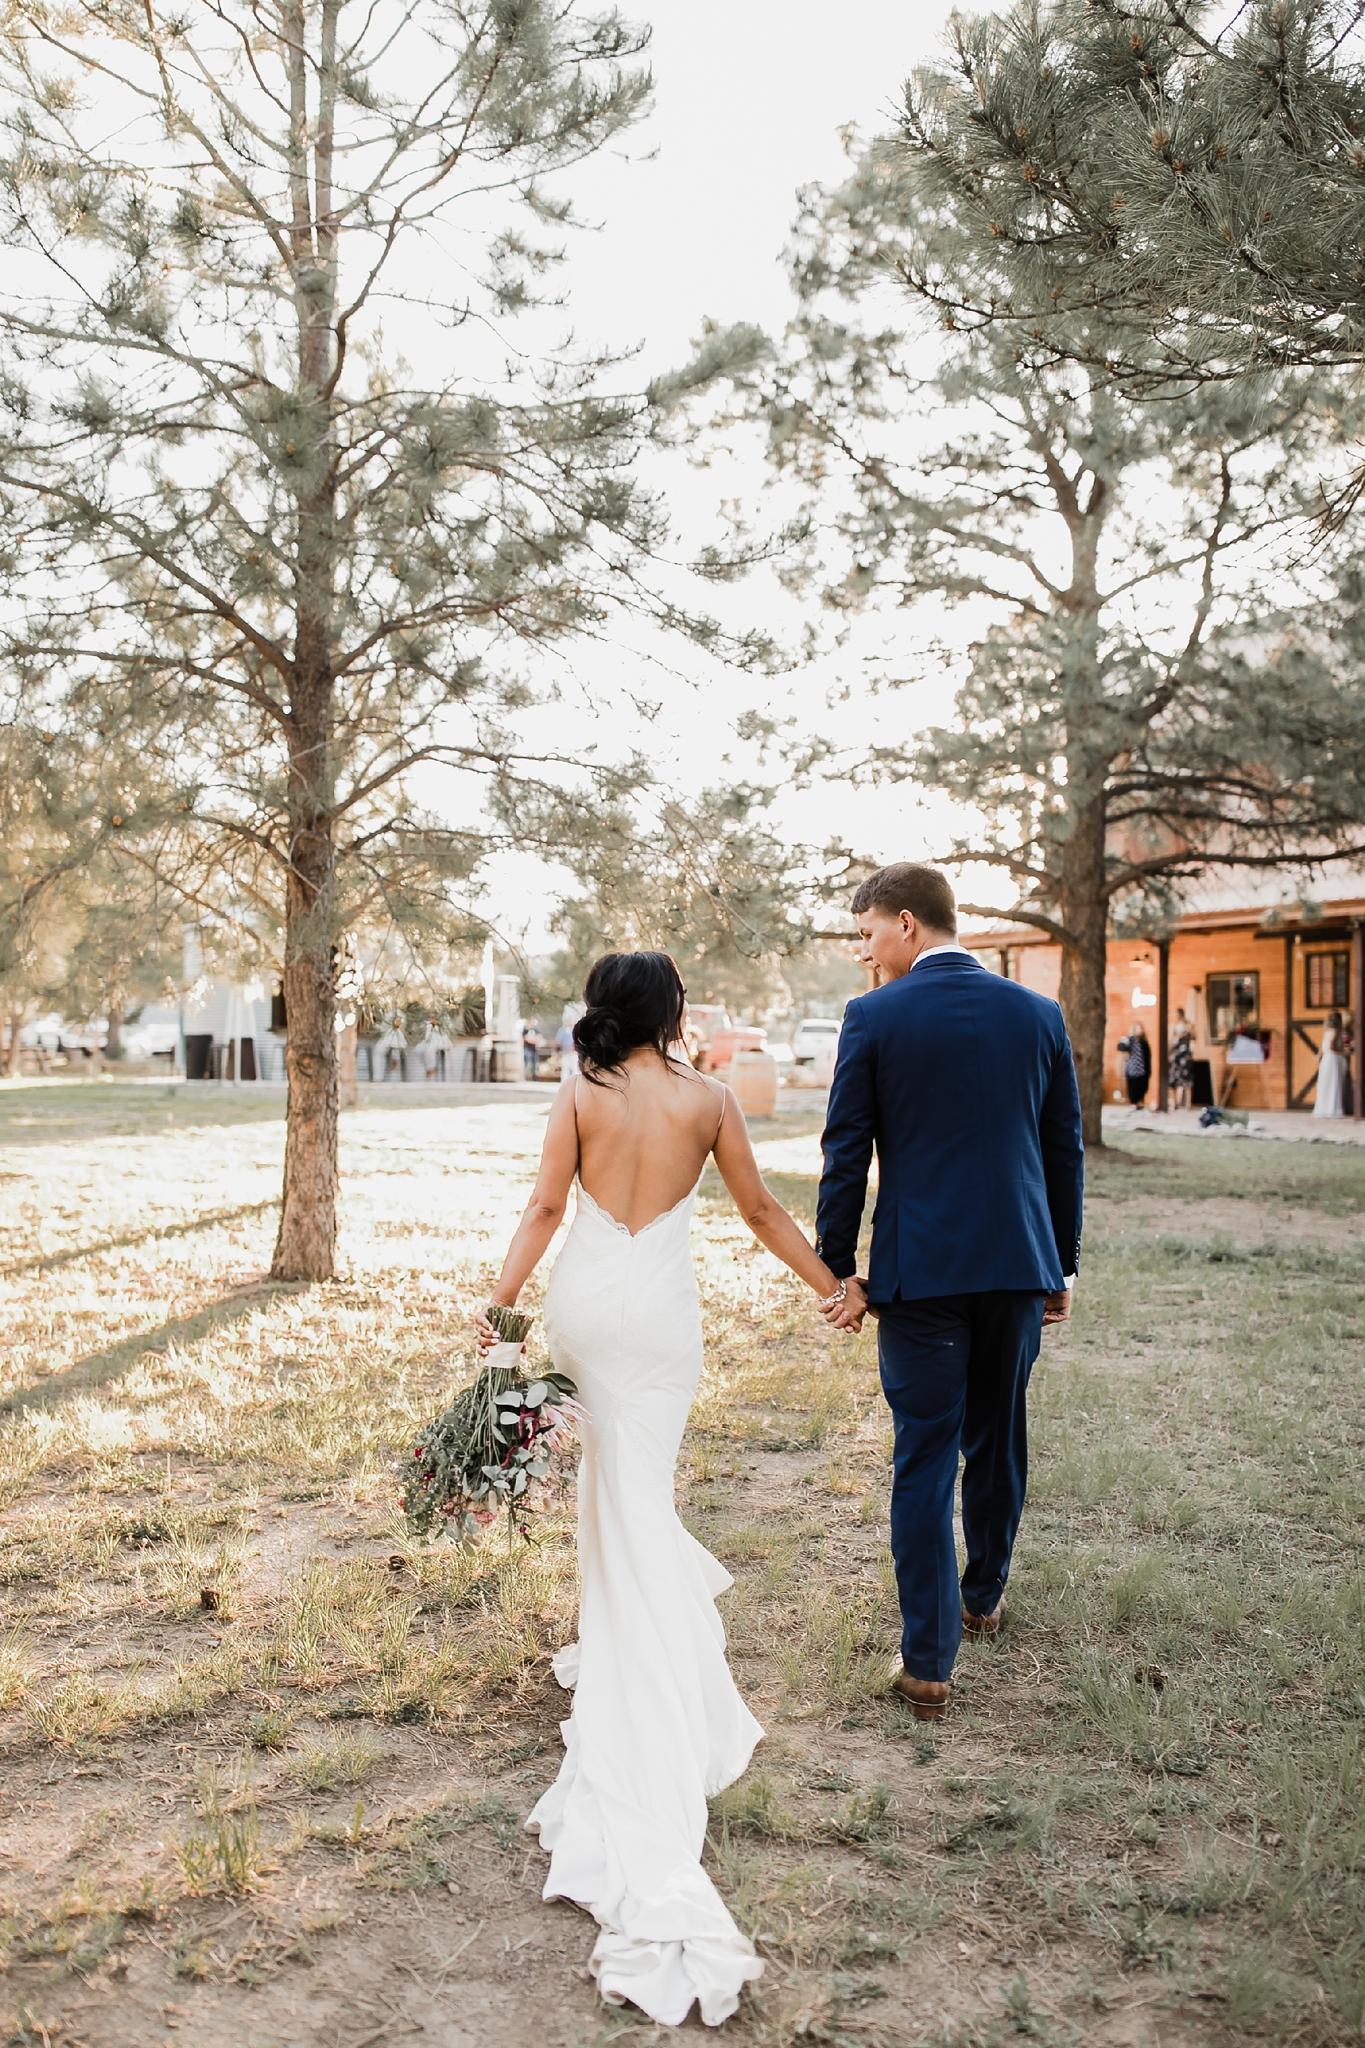 Alicia+lucia+photography+-+albuquerque+wedding+photographer+-+santa+fe+wedding+photography+-+new+mexico+wedding+photographer+-+new+mexico+wedding+-+new+mexico+wedding+-+barn+wedding+-+enchanted+vine+barn+wedding+-+ruidoso+wedding_0131.jpg